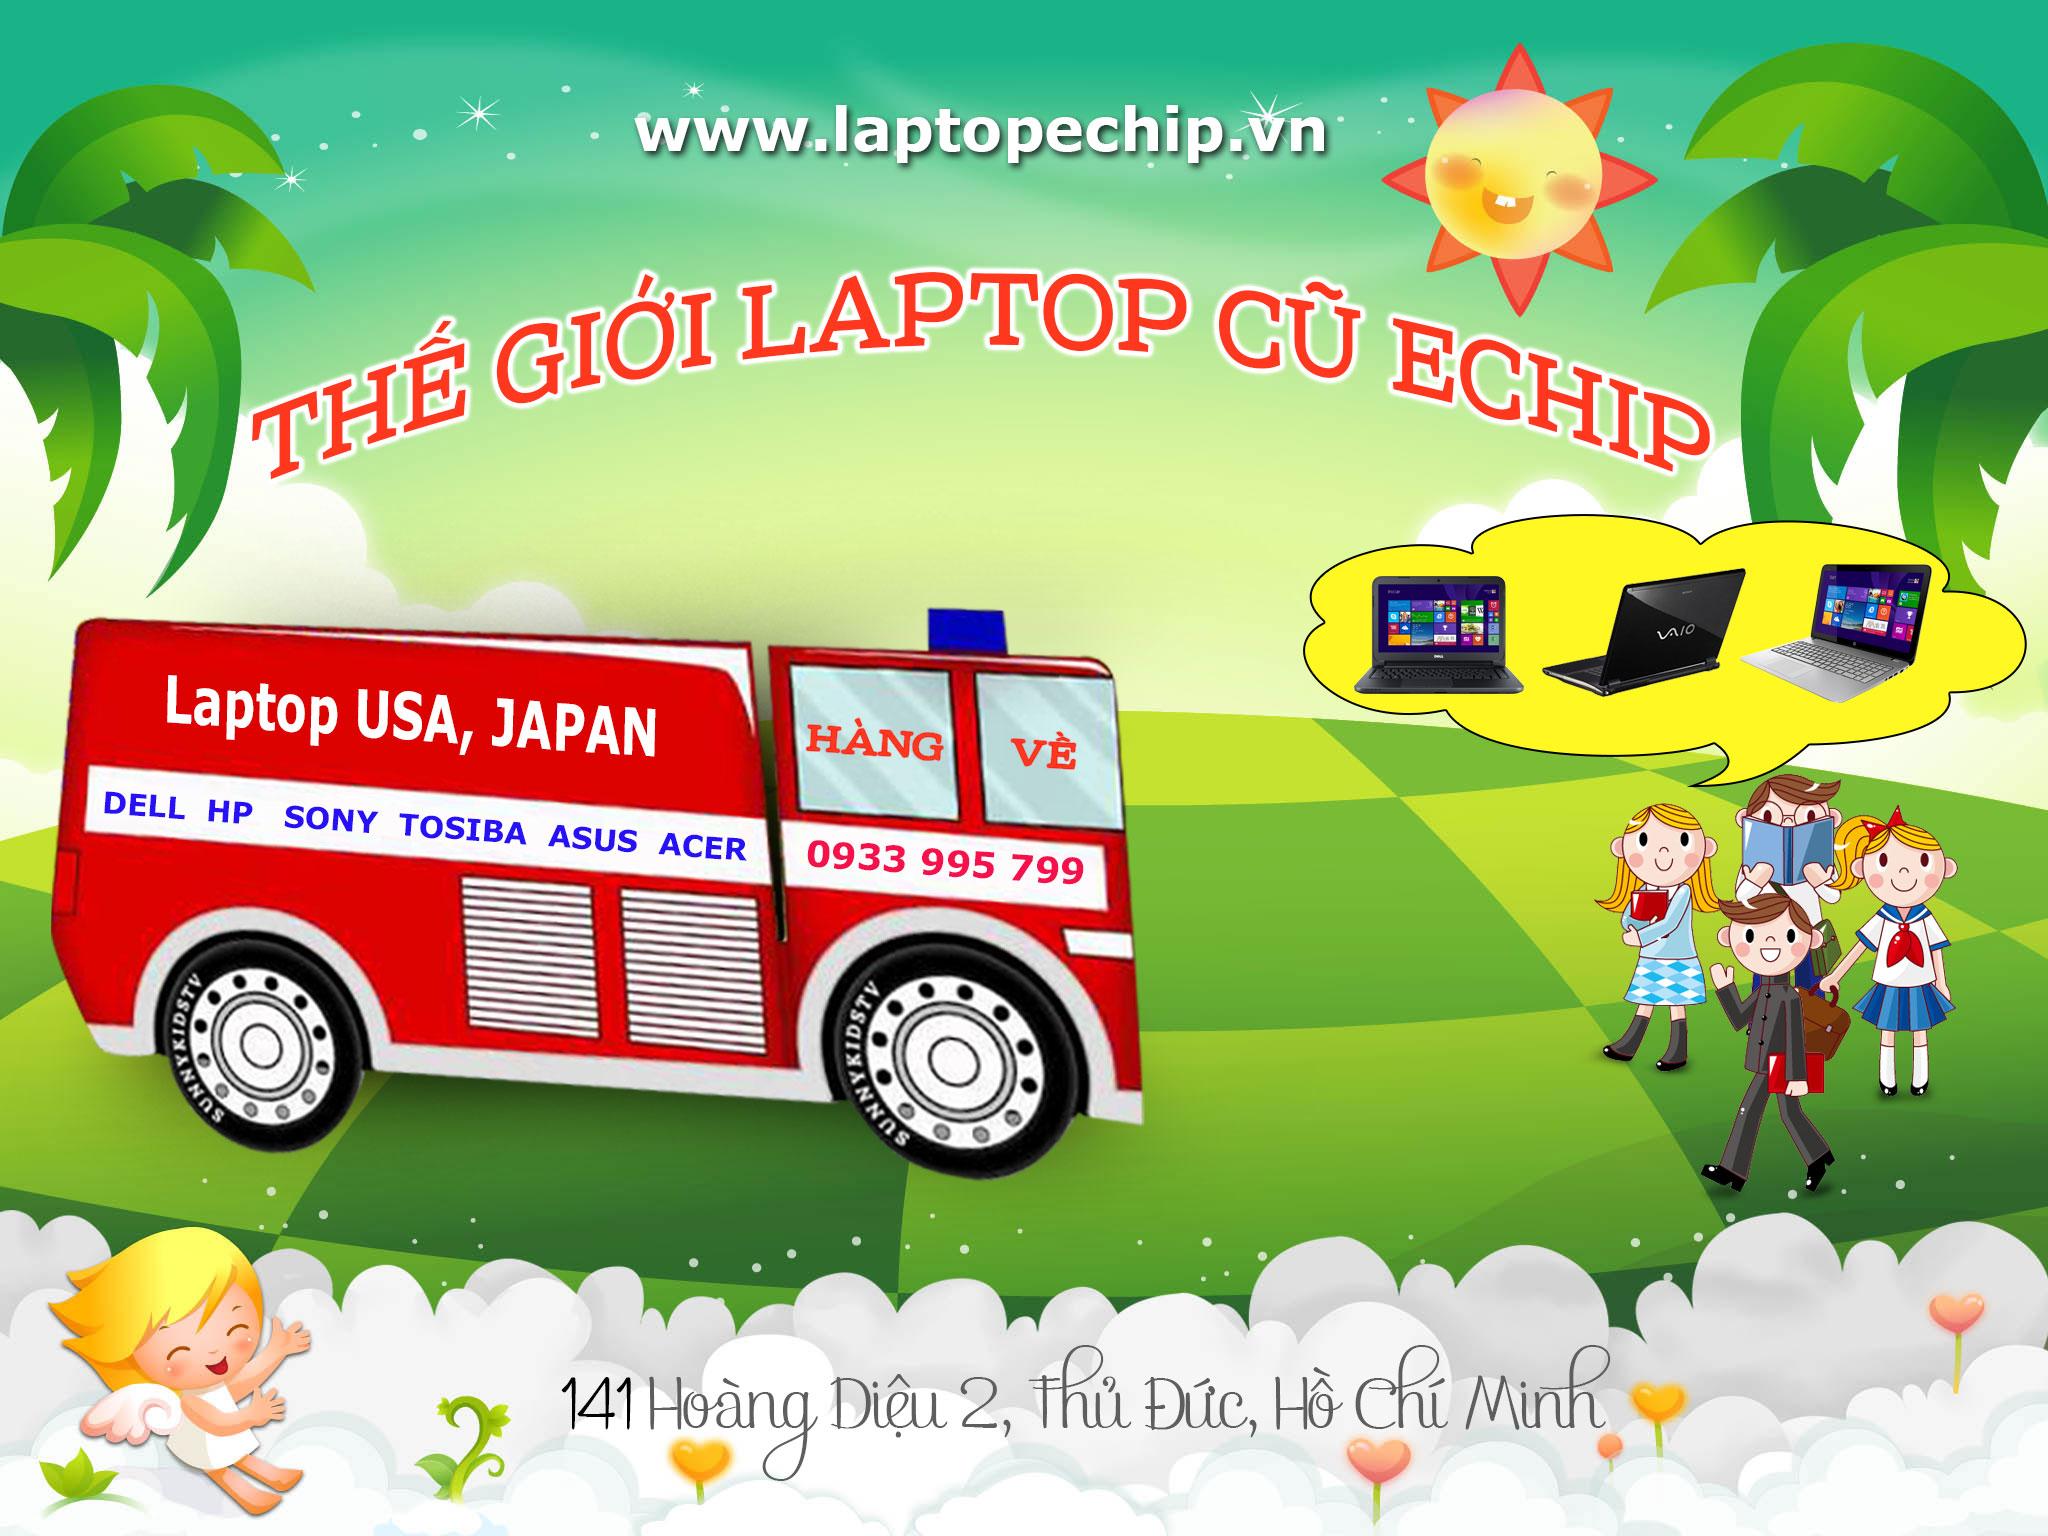 Laptop cũ E-CHIP